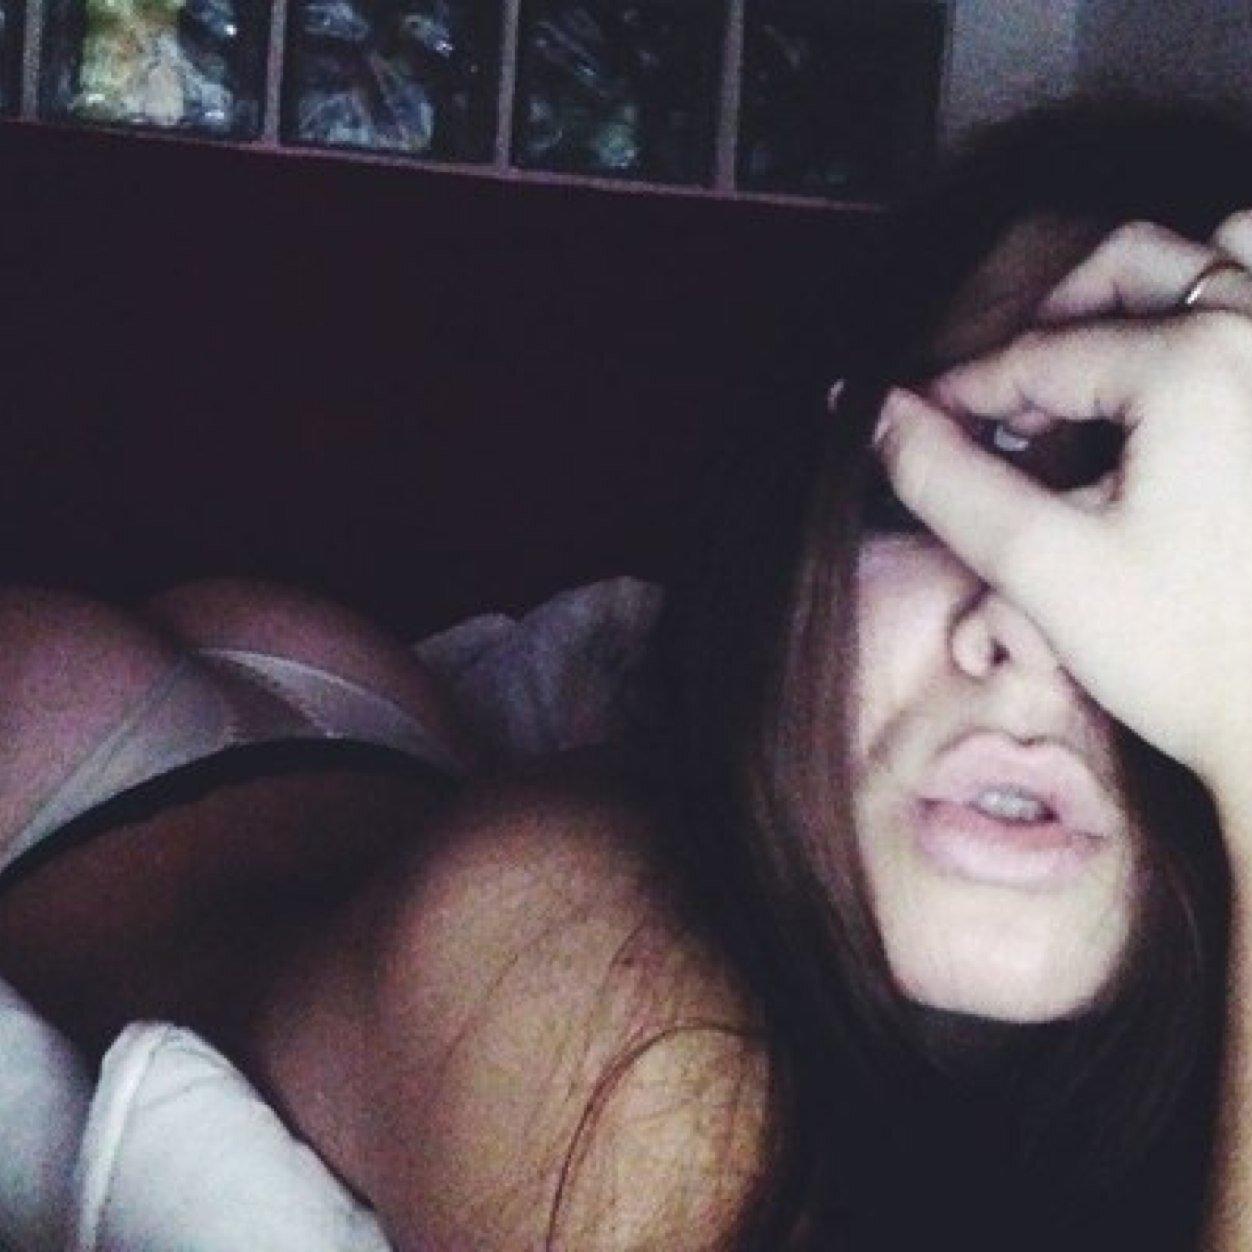 Секс по скайпу как делать 15 фотография